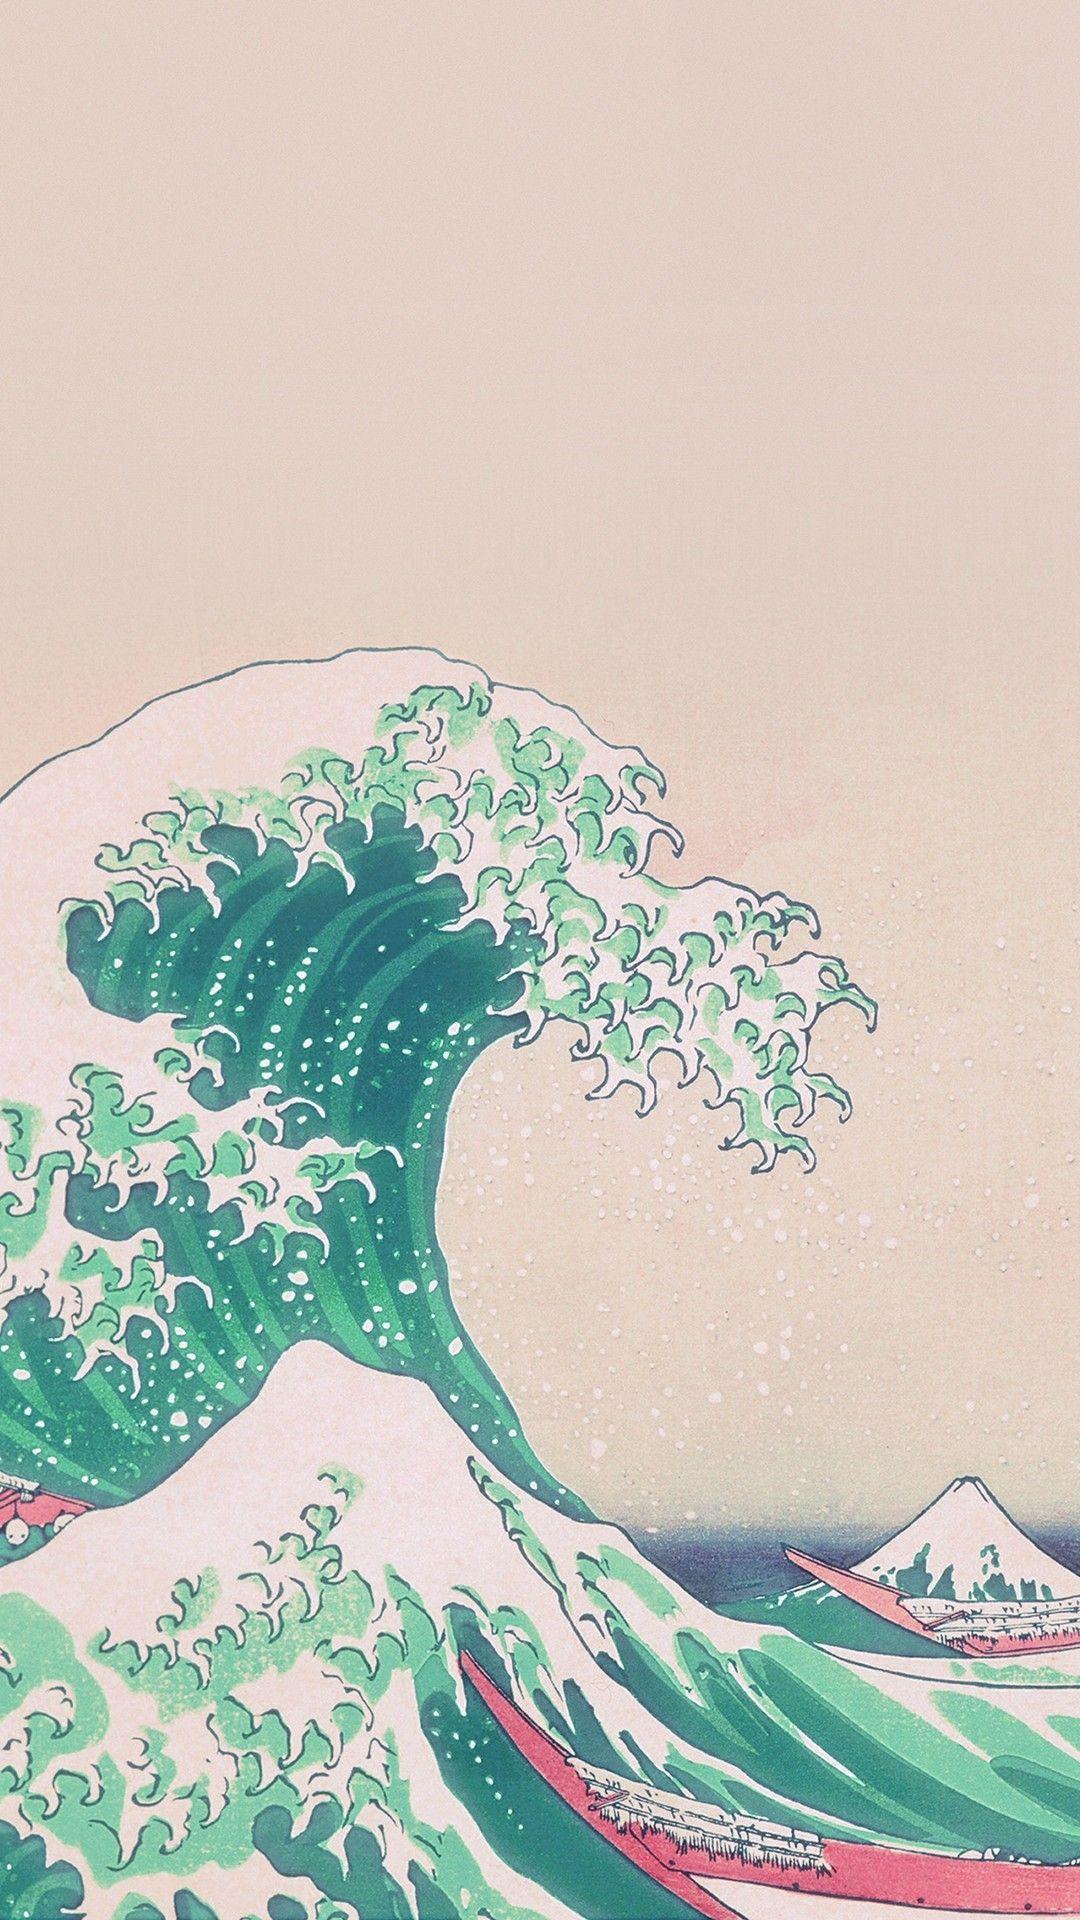 Hình nền thẩm mỹ màu xanh lá cây 1080x1920